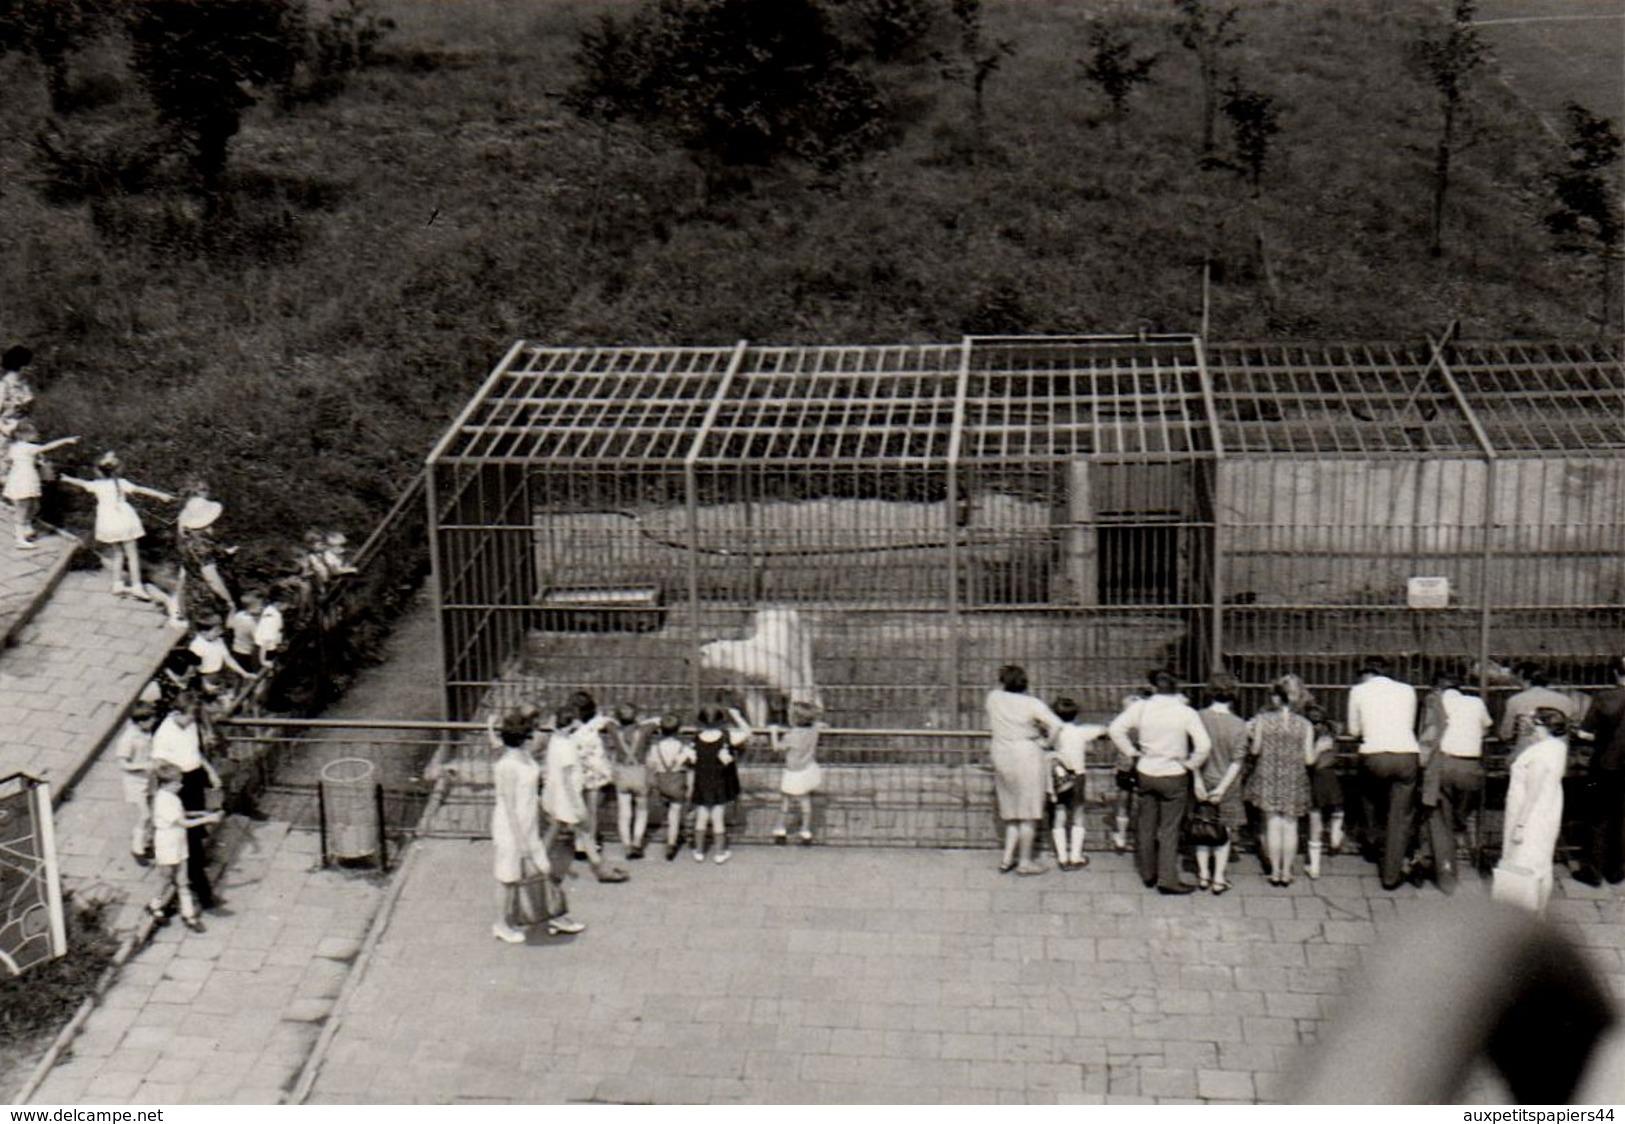 Photo Originale Zoo - L'enclos Des Ours Polaires, Ours Blancs, Eisbär & Visiteurs - Animaux Polaires En 1969 - Anonieme Personen